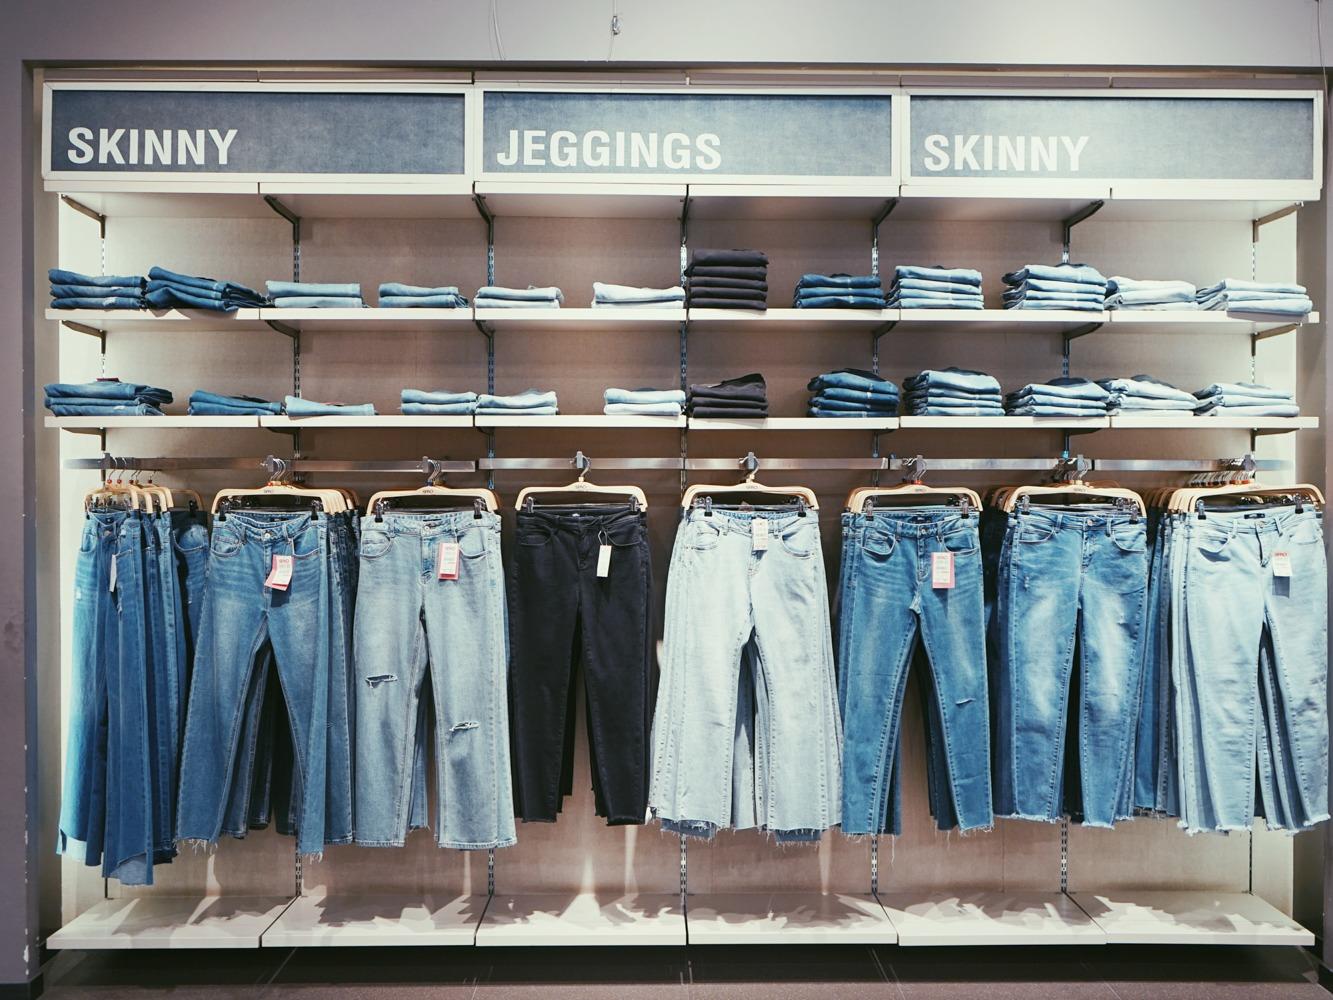 たくさんのジーンズの写真